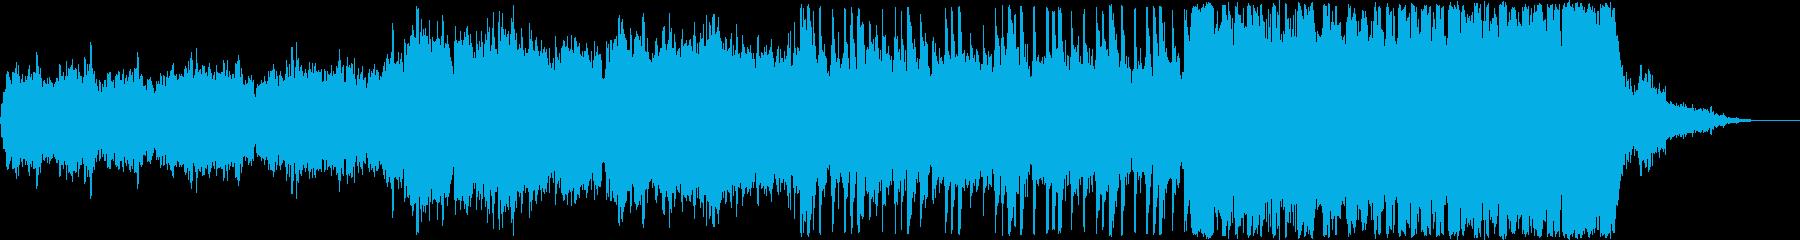 宇宙的で壮大な曲の再生済みの波形